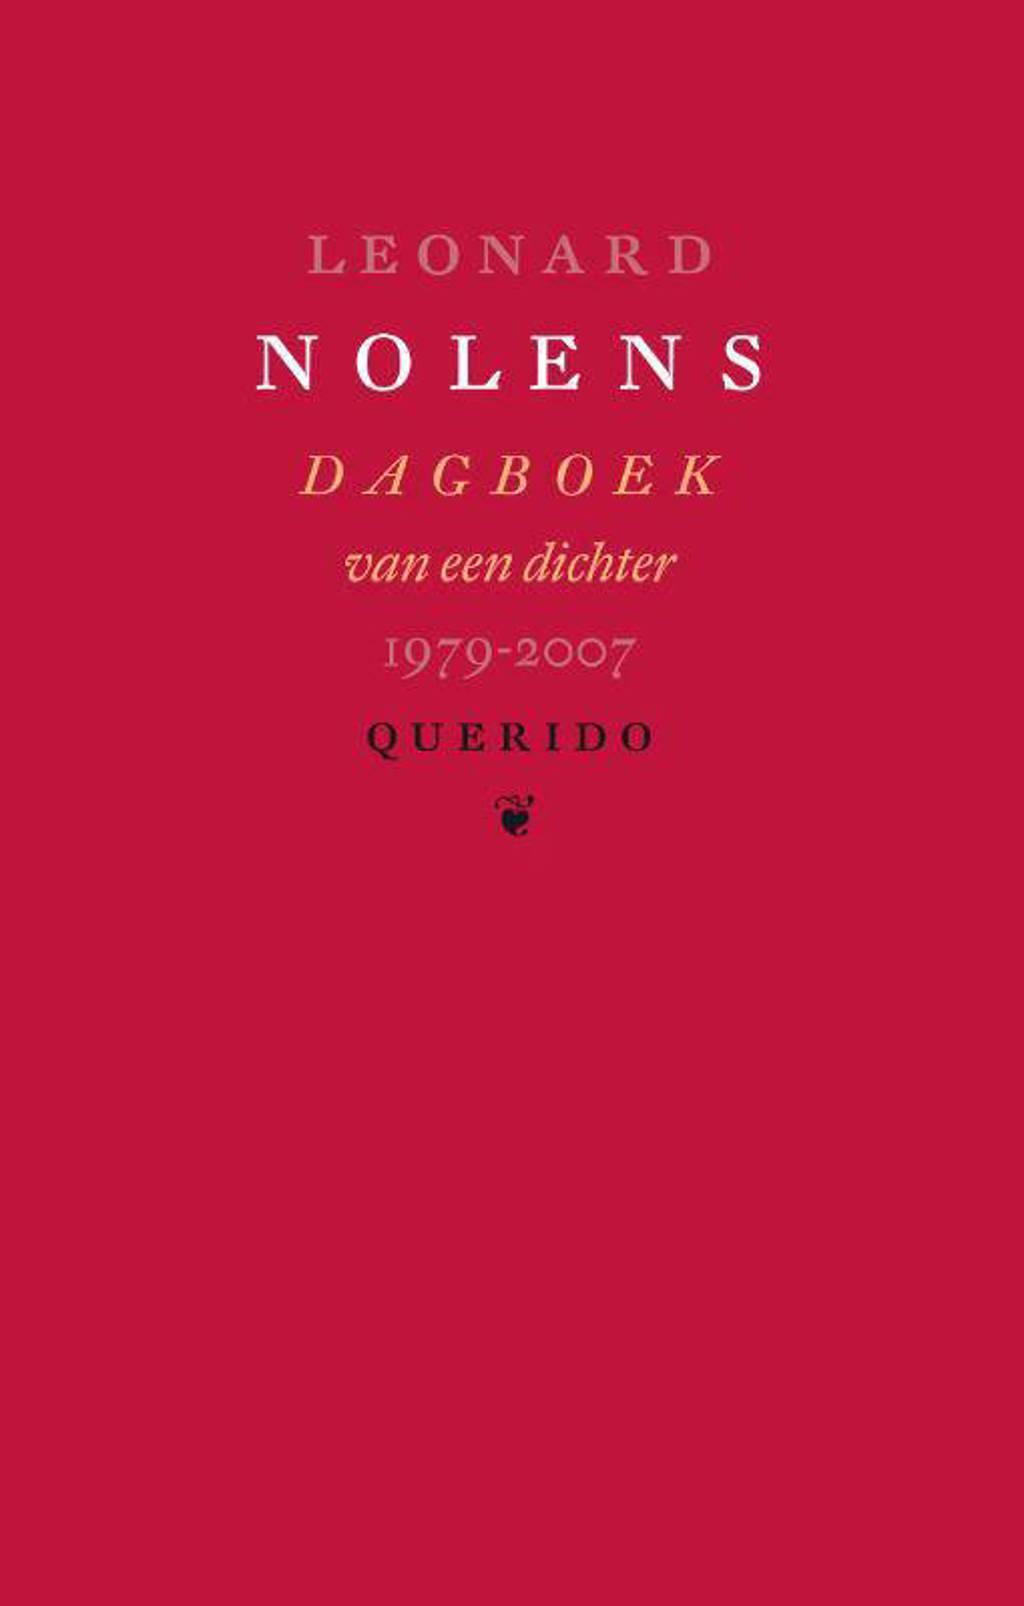 Dagboek van een dichter 1979-2007 - Leonard Nolens